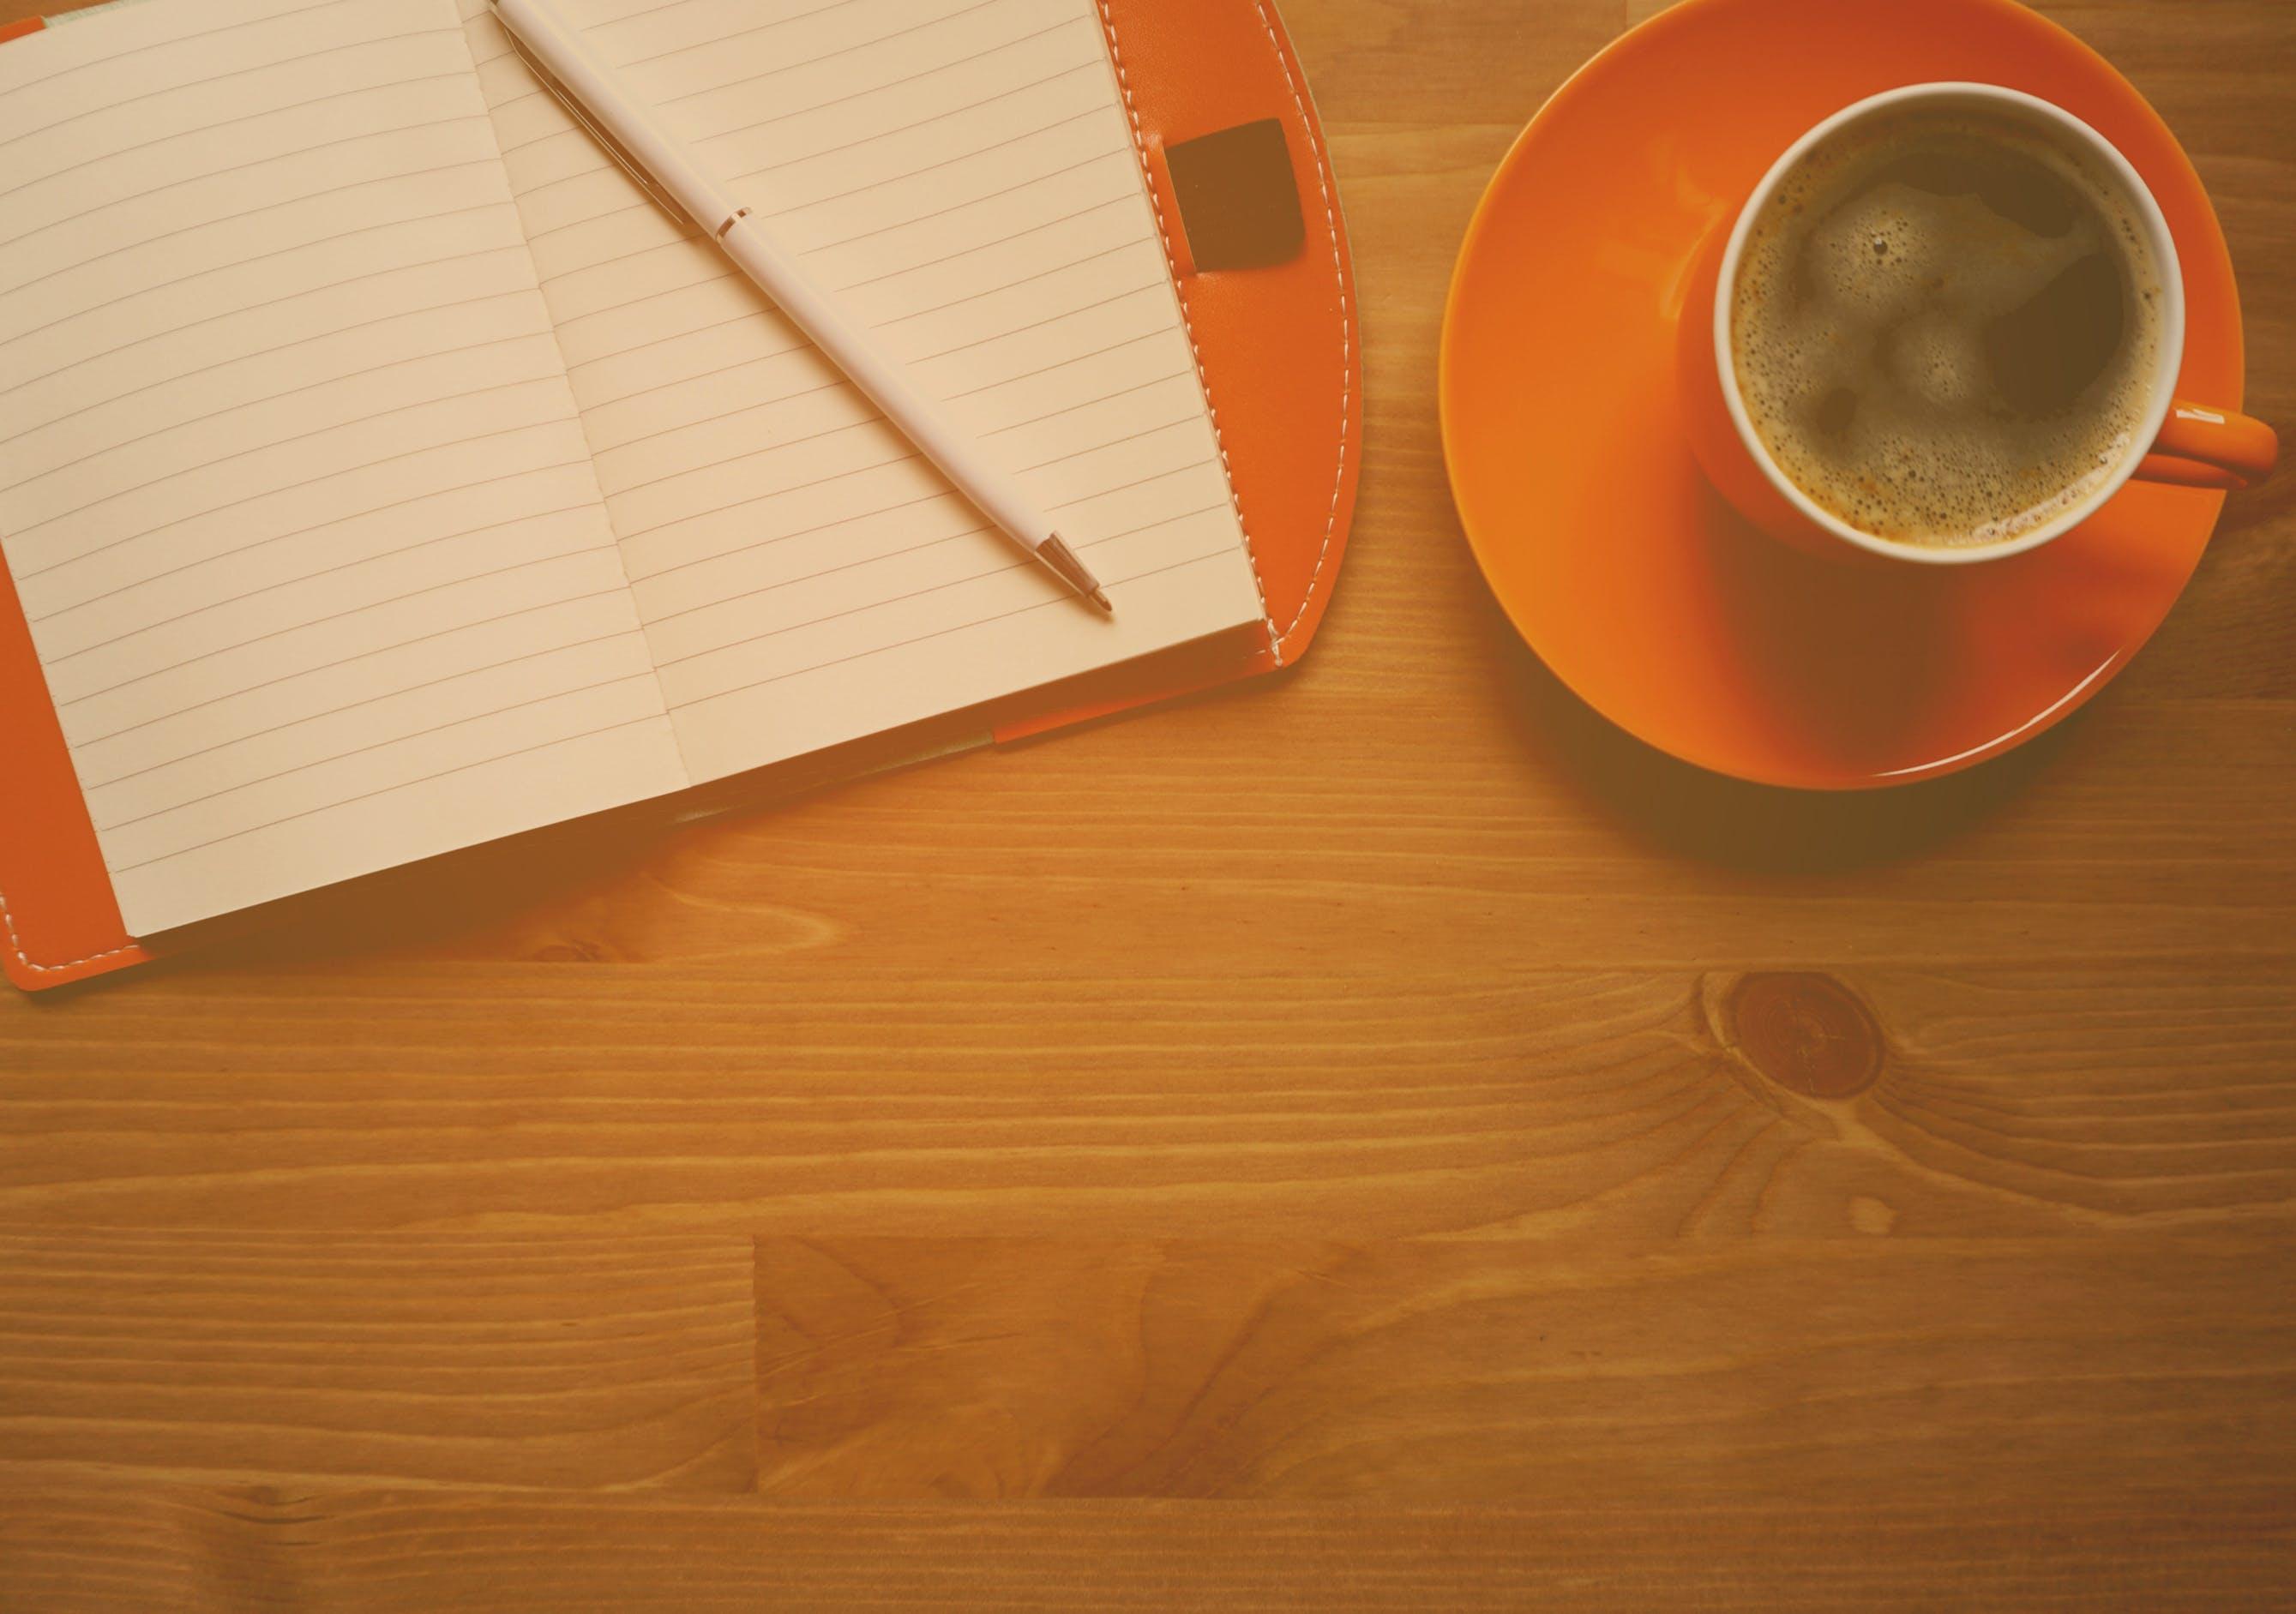 Kostenloses Stock Foto zu arbeit, arbeitsplatz, kaffee, kaffee trinken